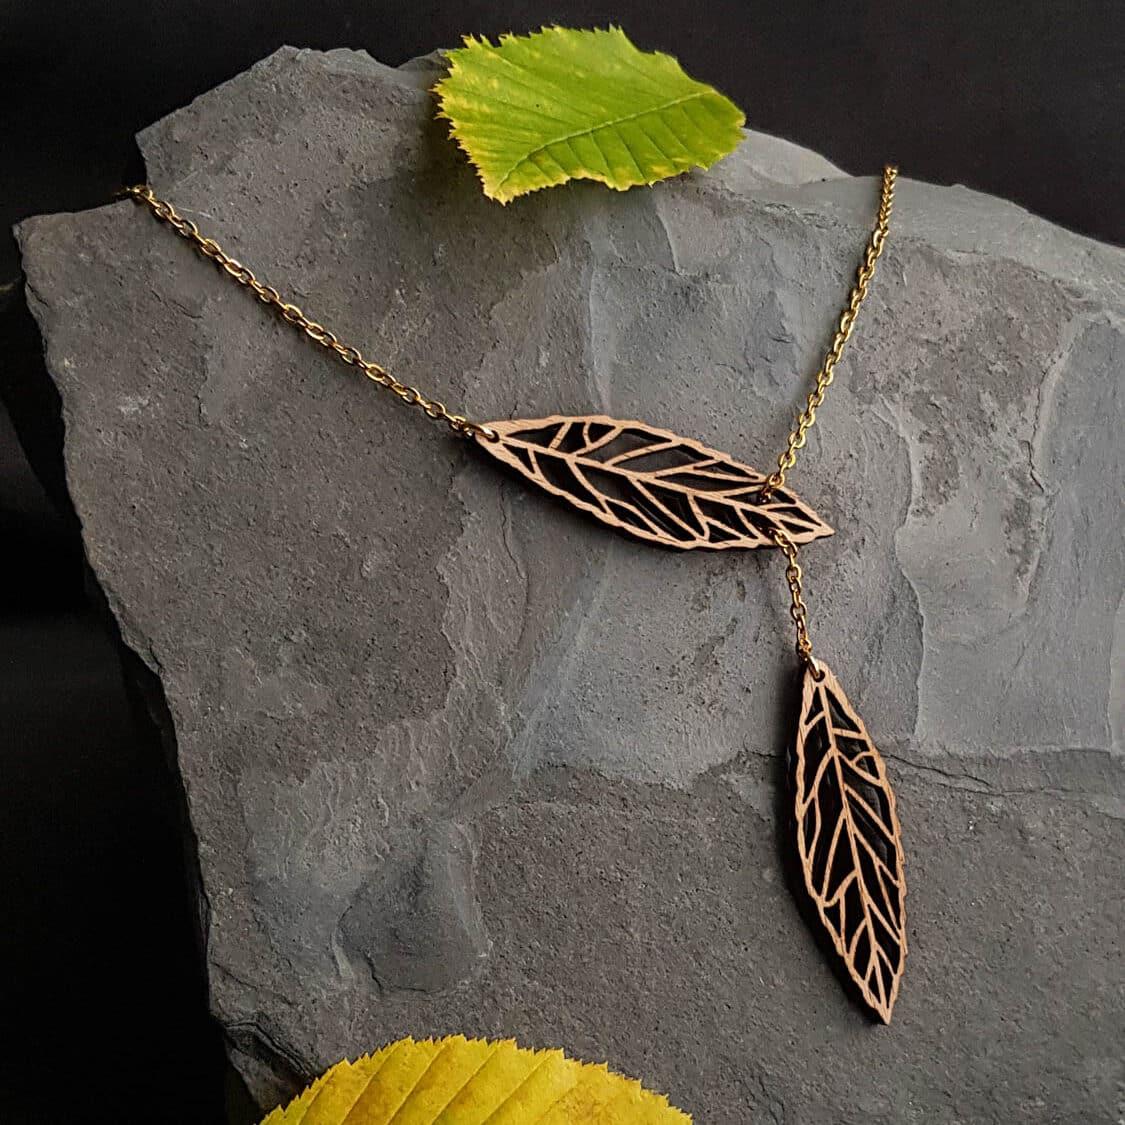 Collier en bois en forme de feuilles automnales